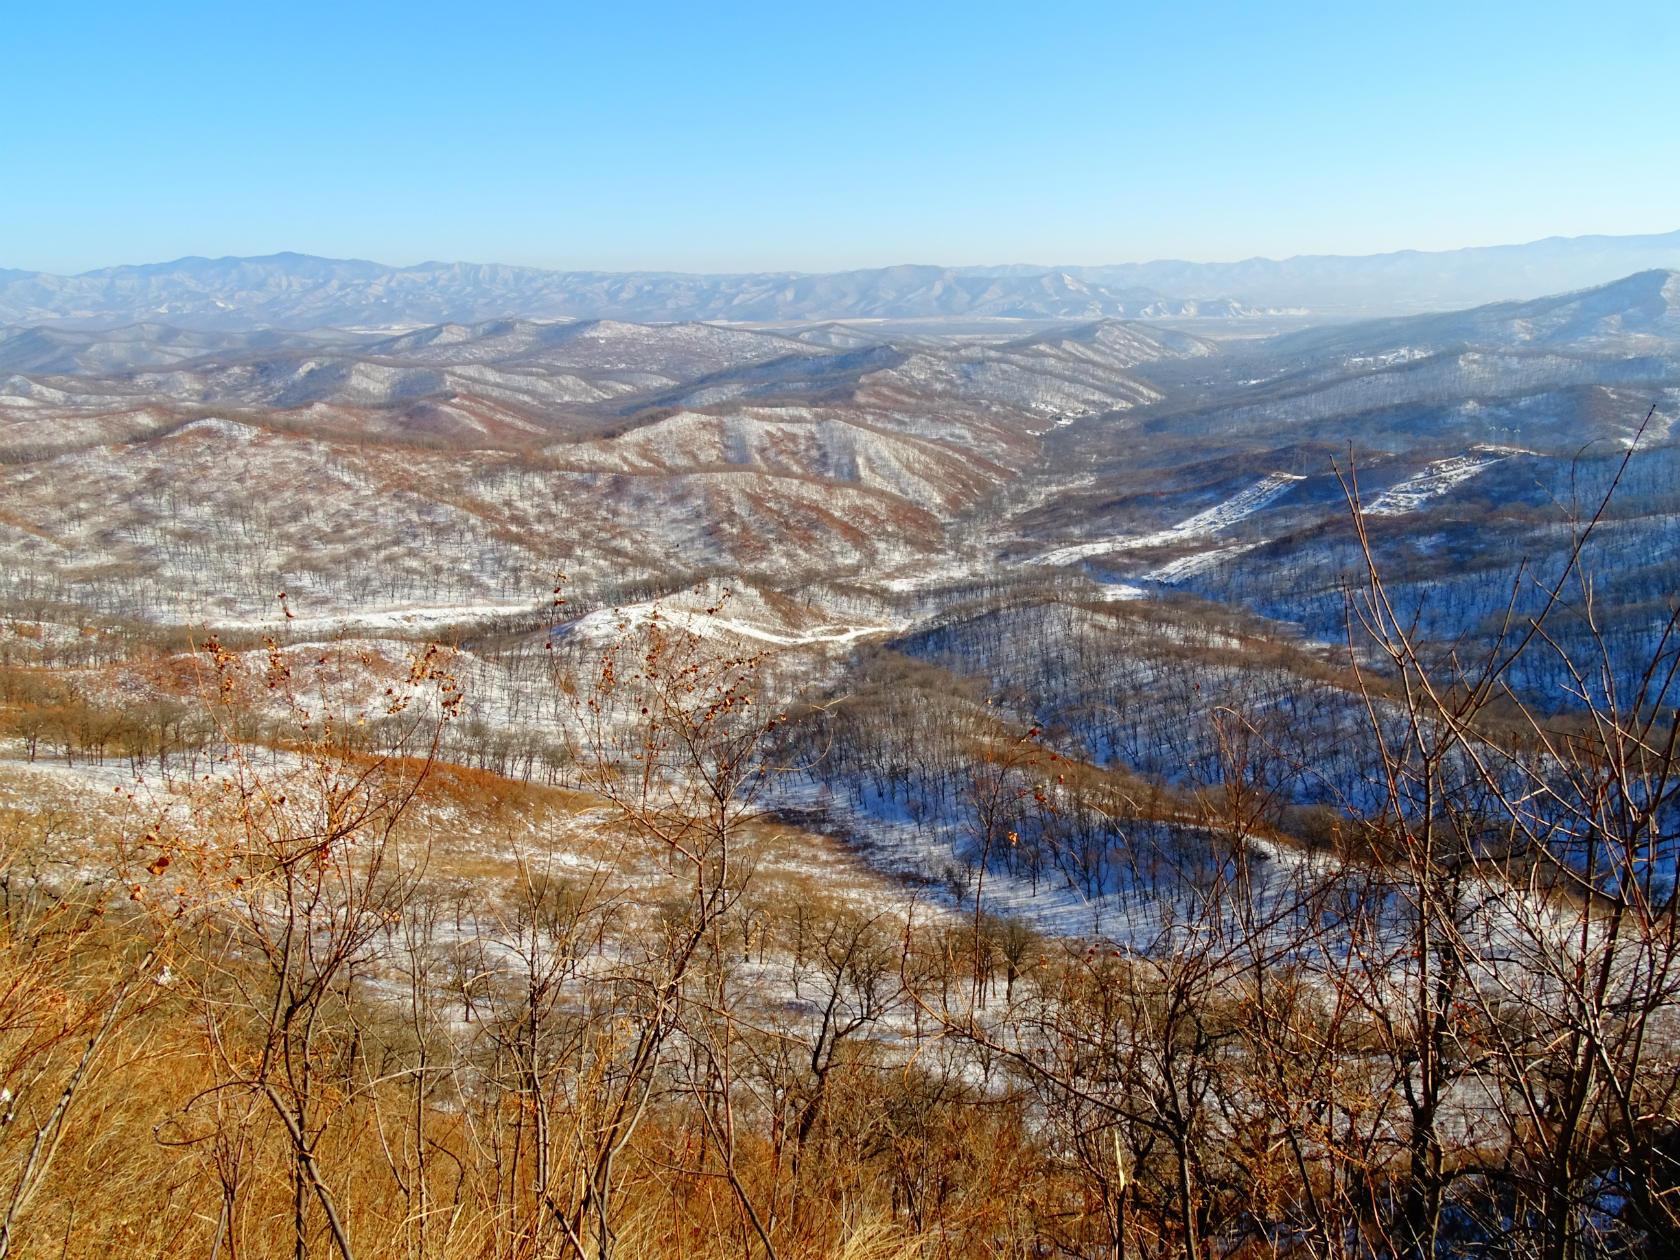 Вид на горы с вершины Чандалаза. Фото Игоря Жабского